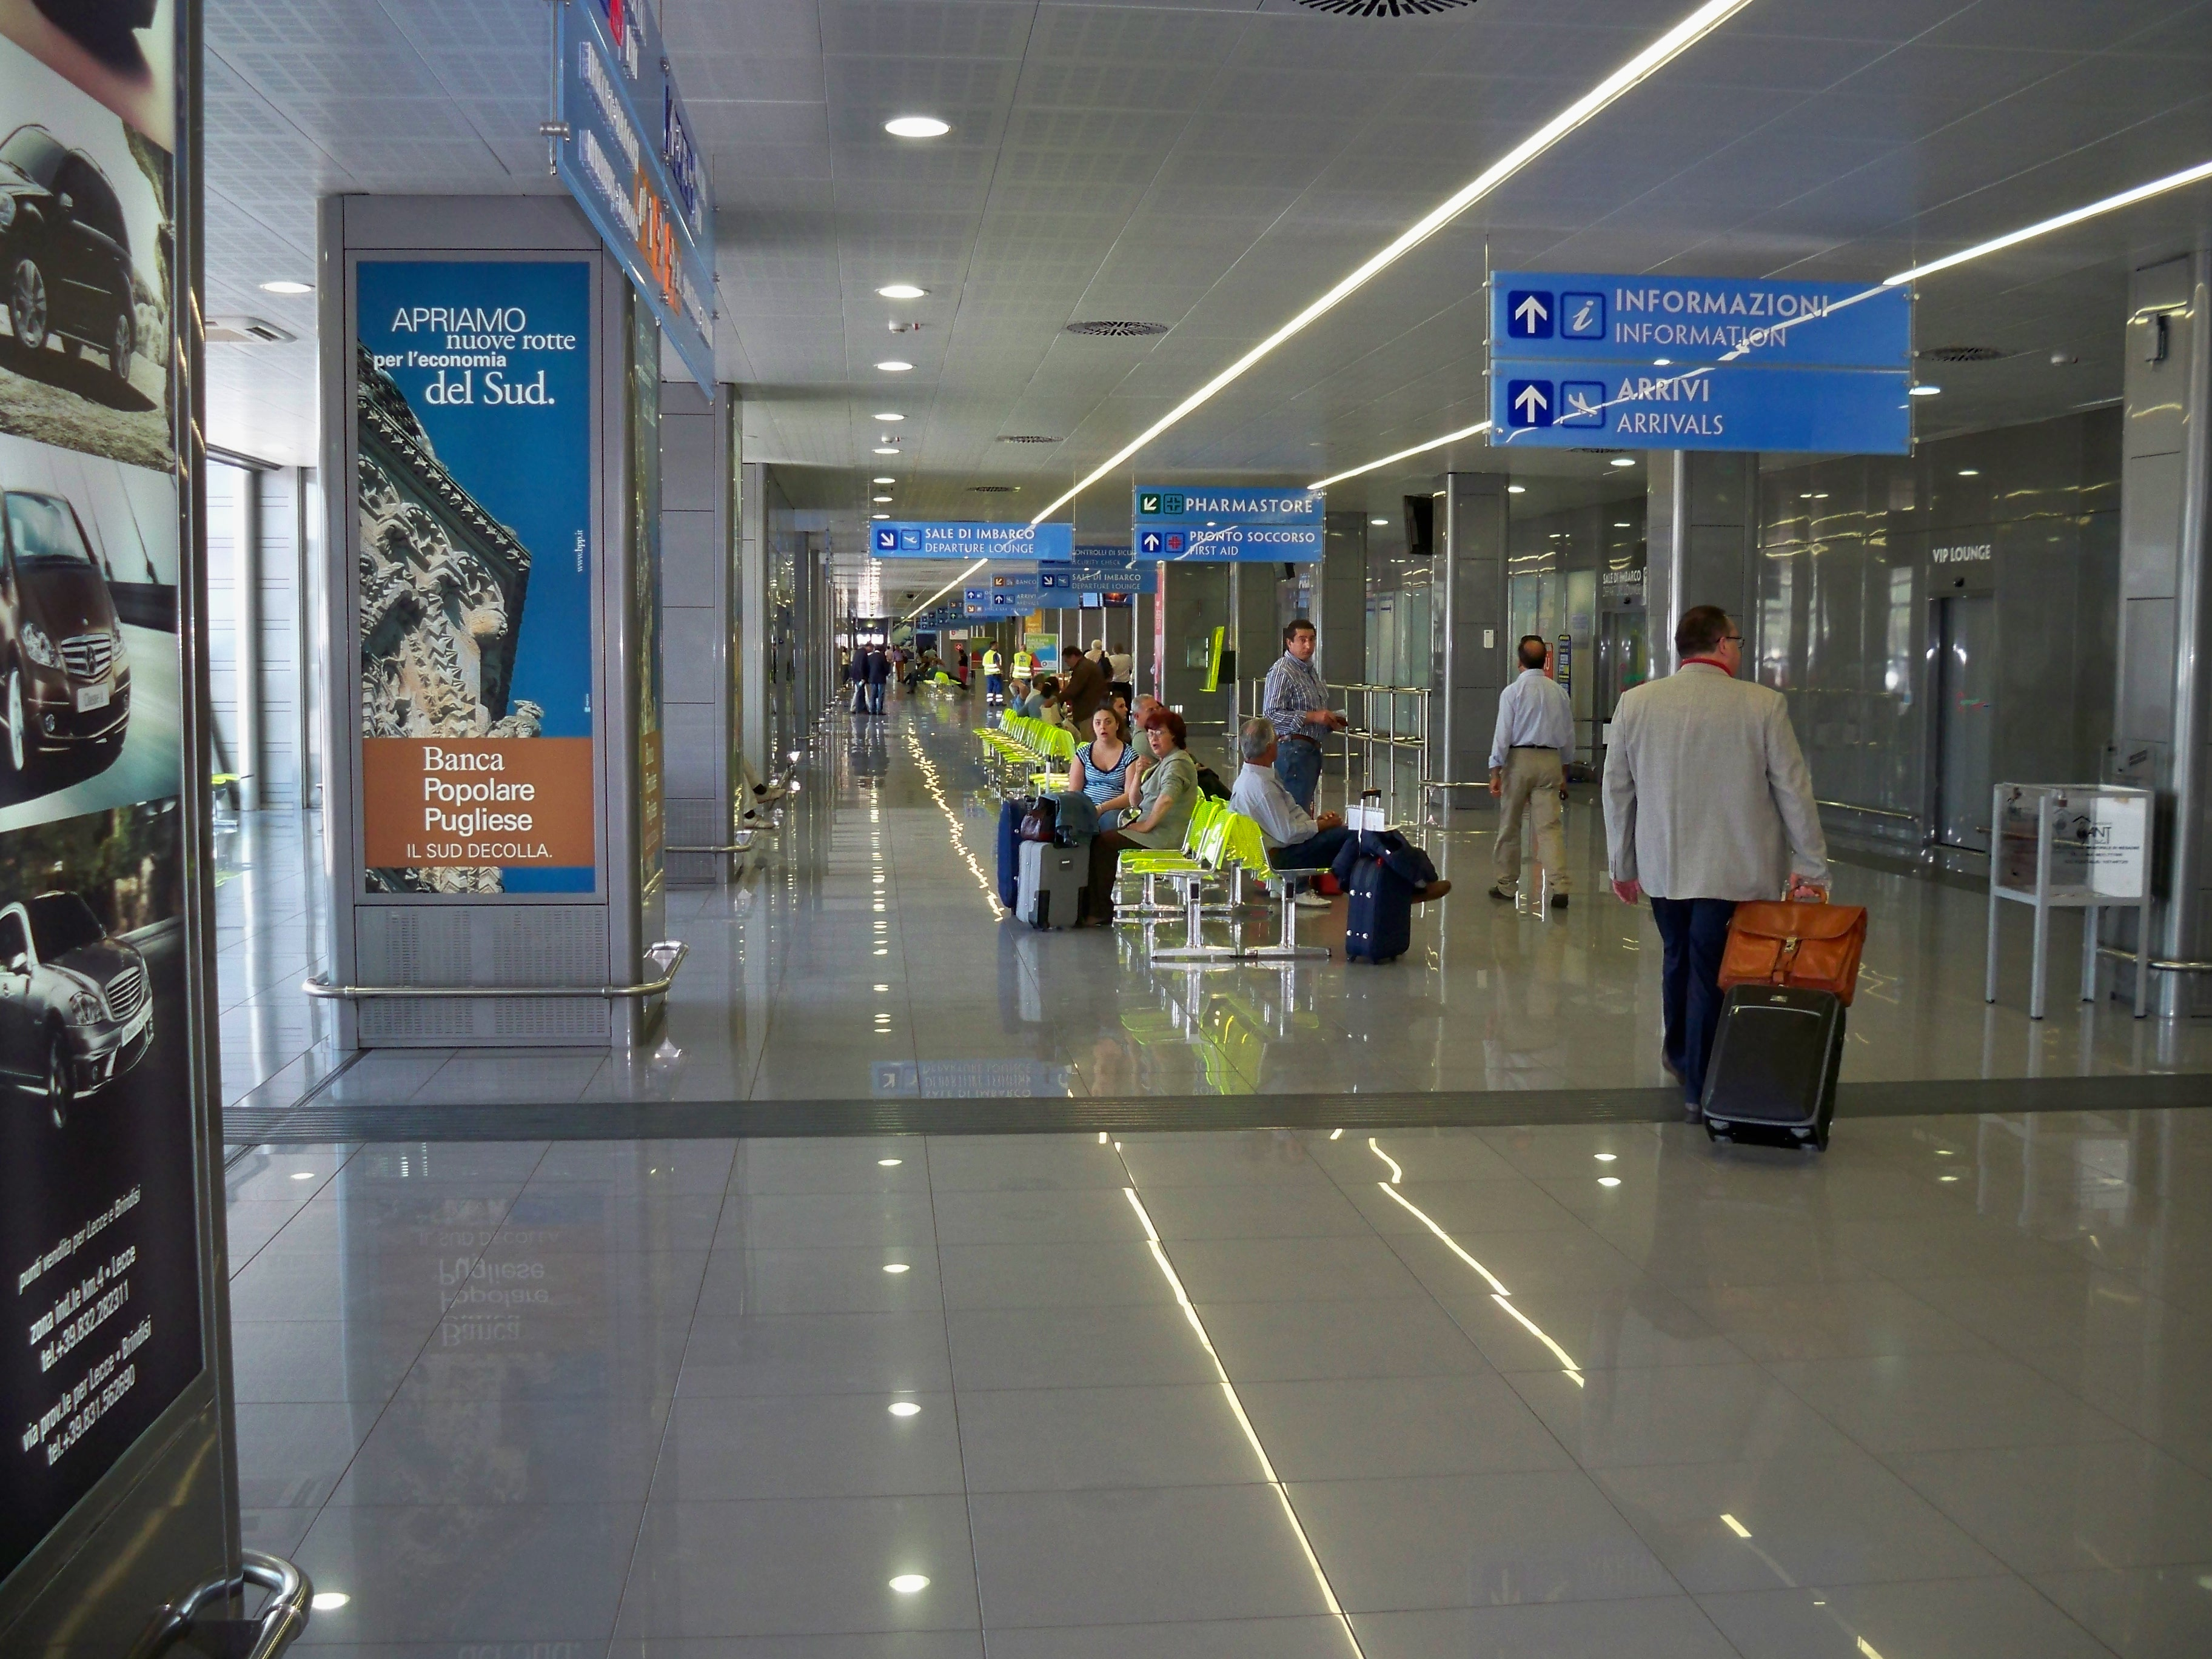 Aeroporto Brindisi : File aeroporto brindisi bds interno g wikimedia commons